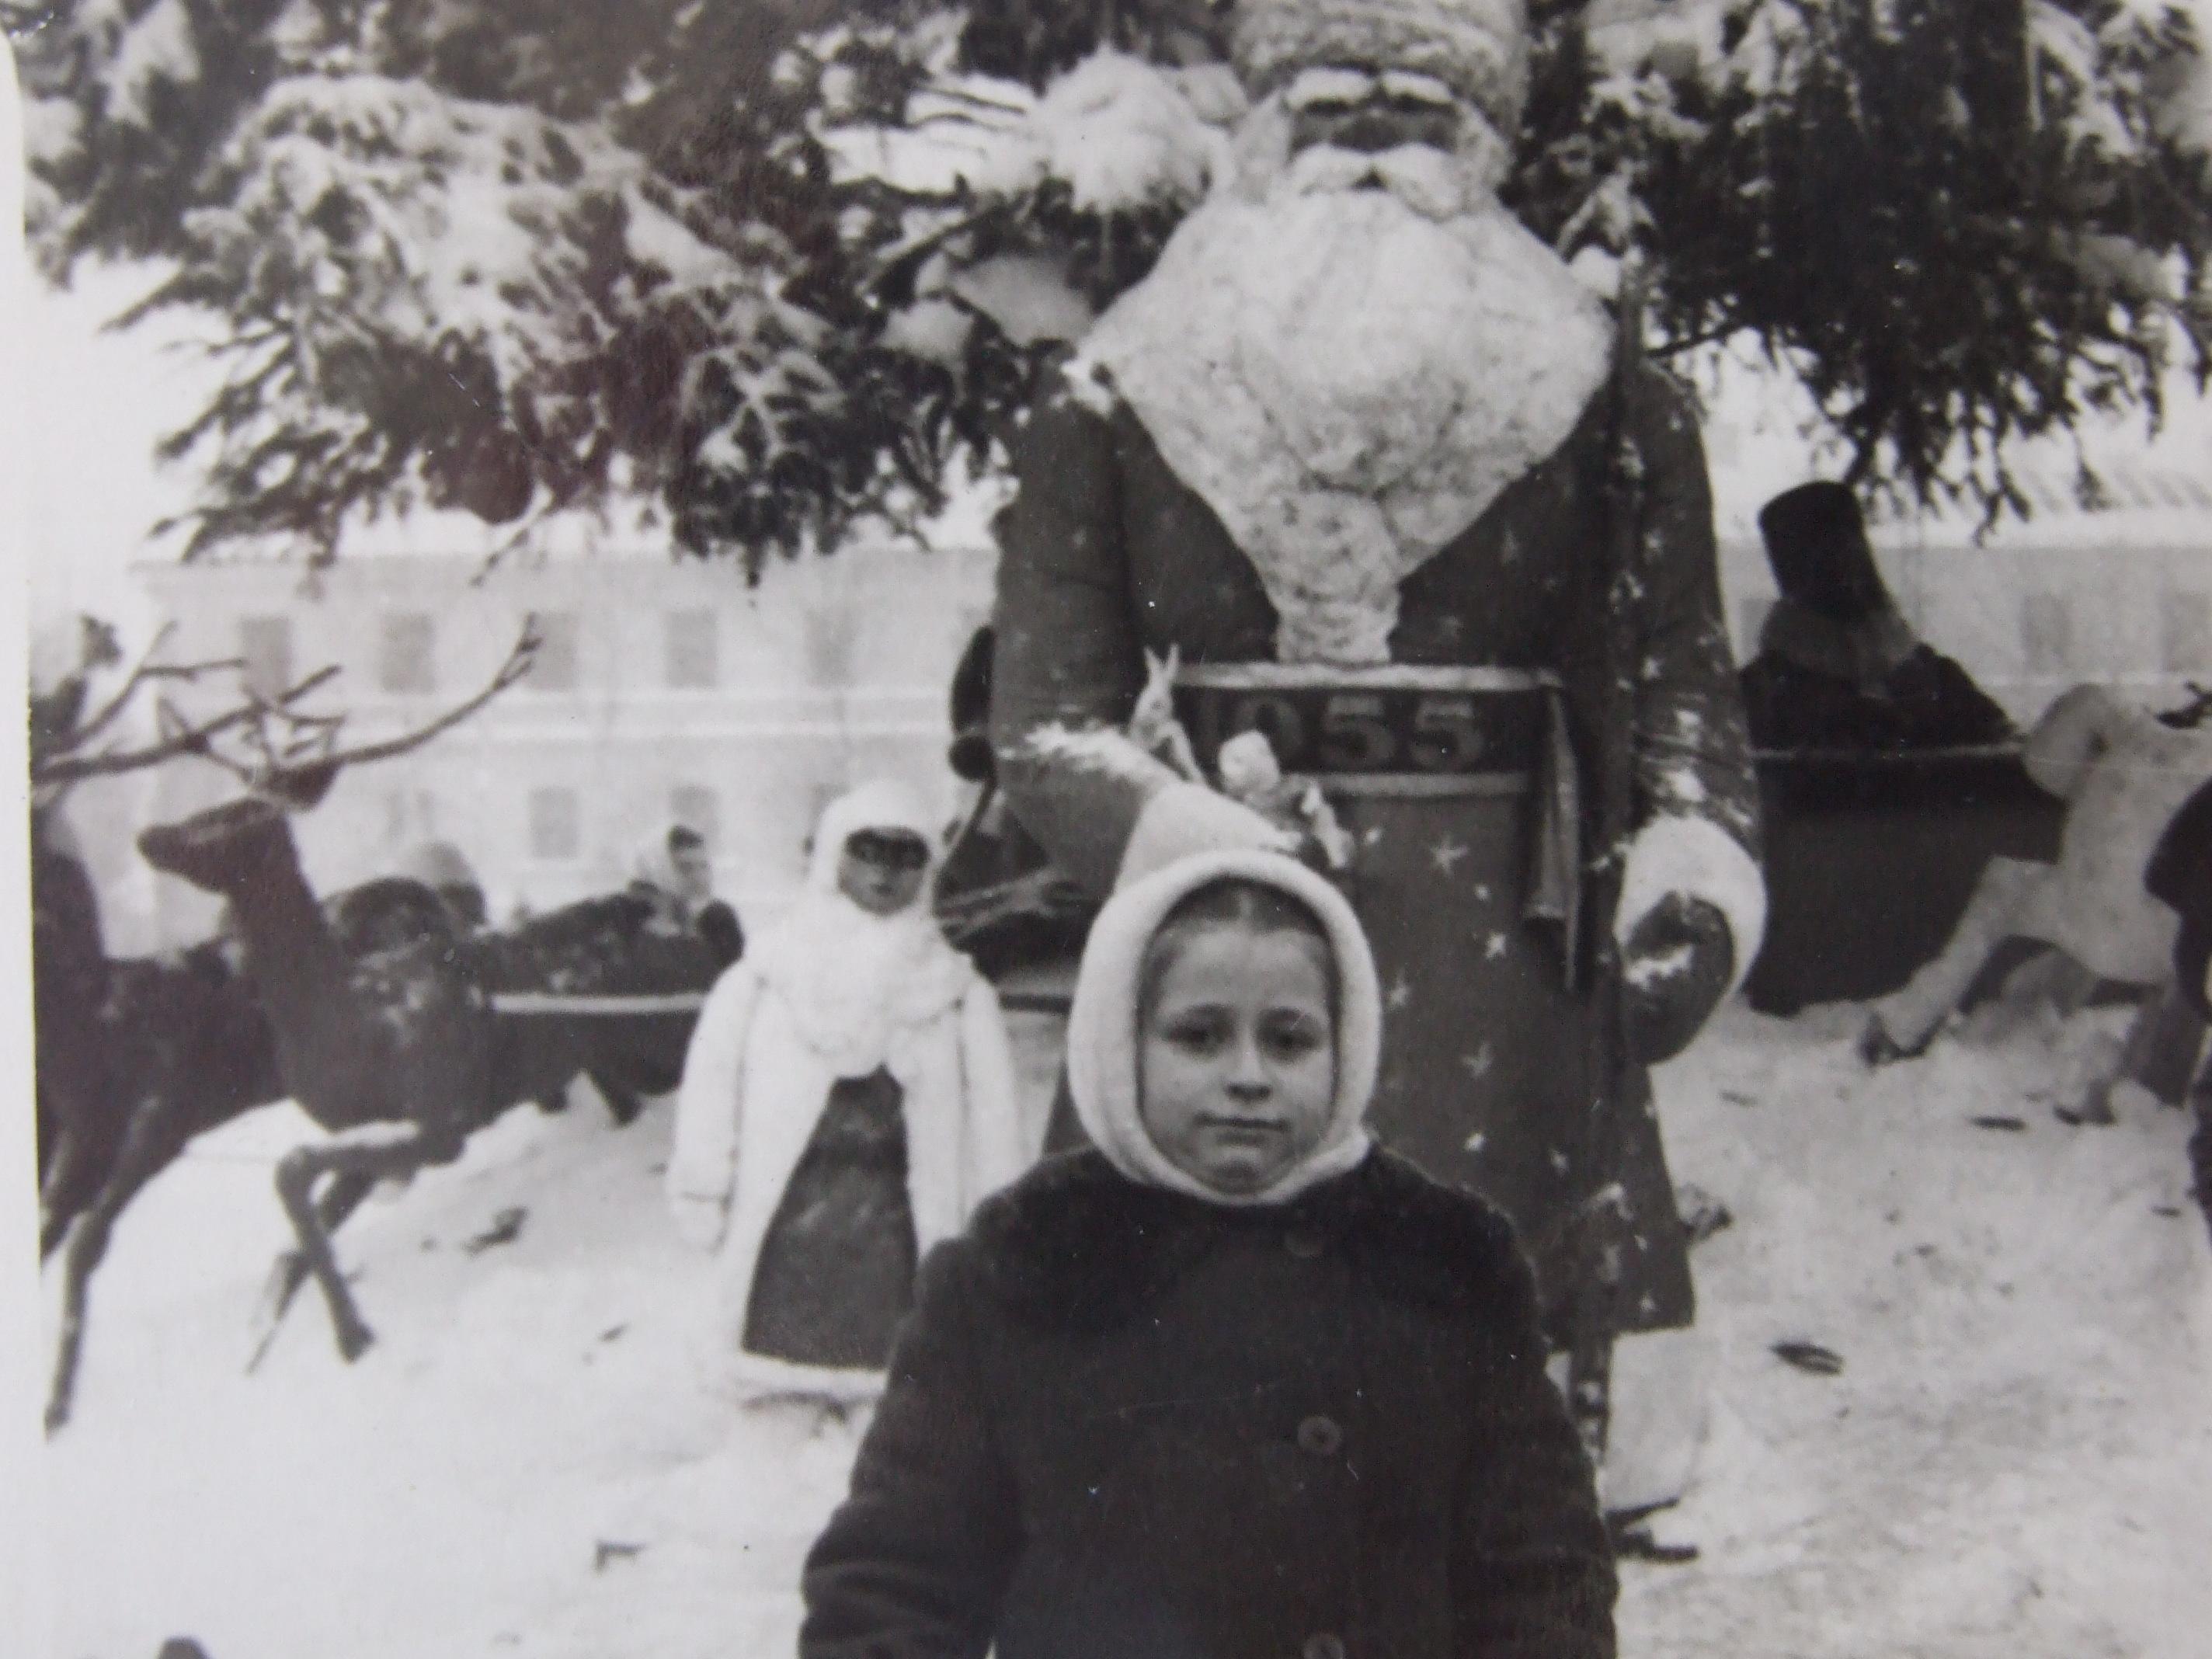 דודה שלי ליד דד מרוז בכיכר העיר צרנוביץ אוקראינה- 1955